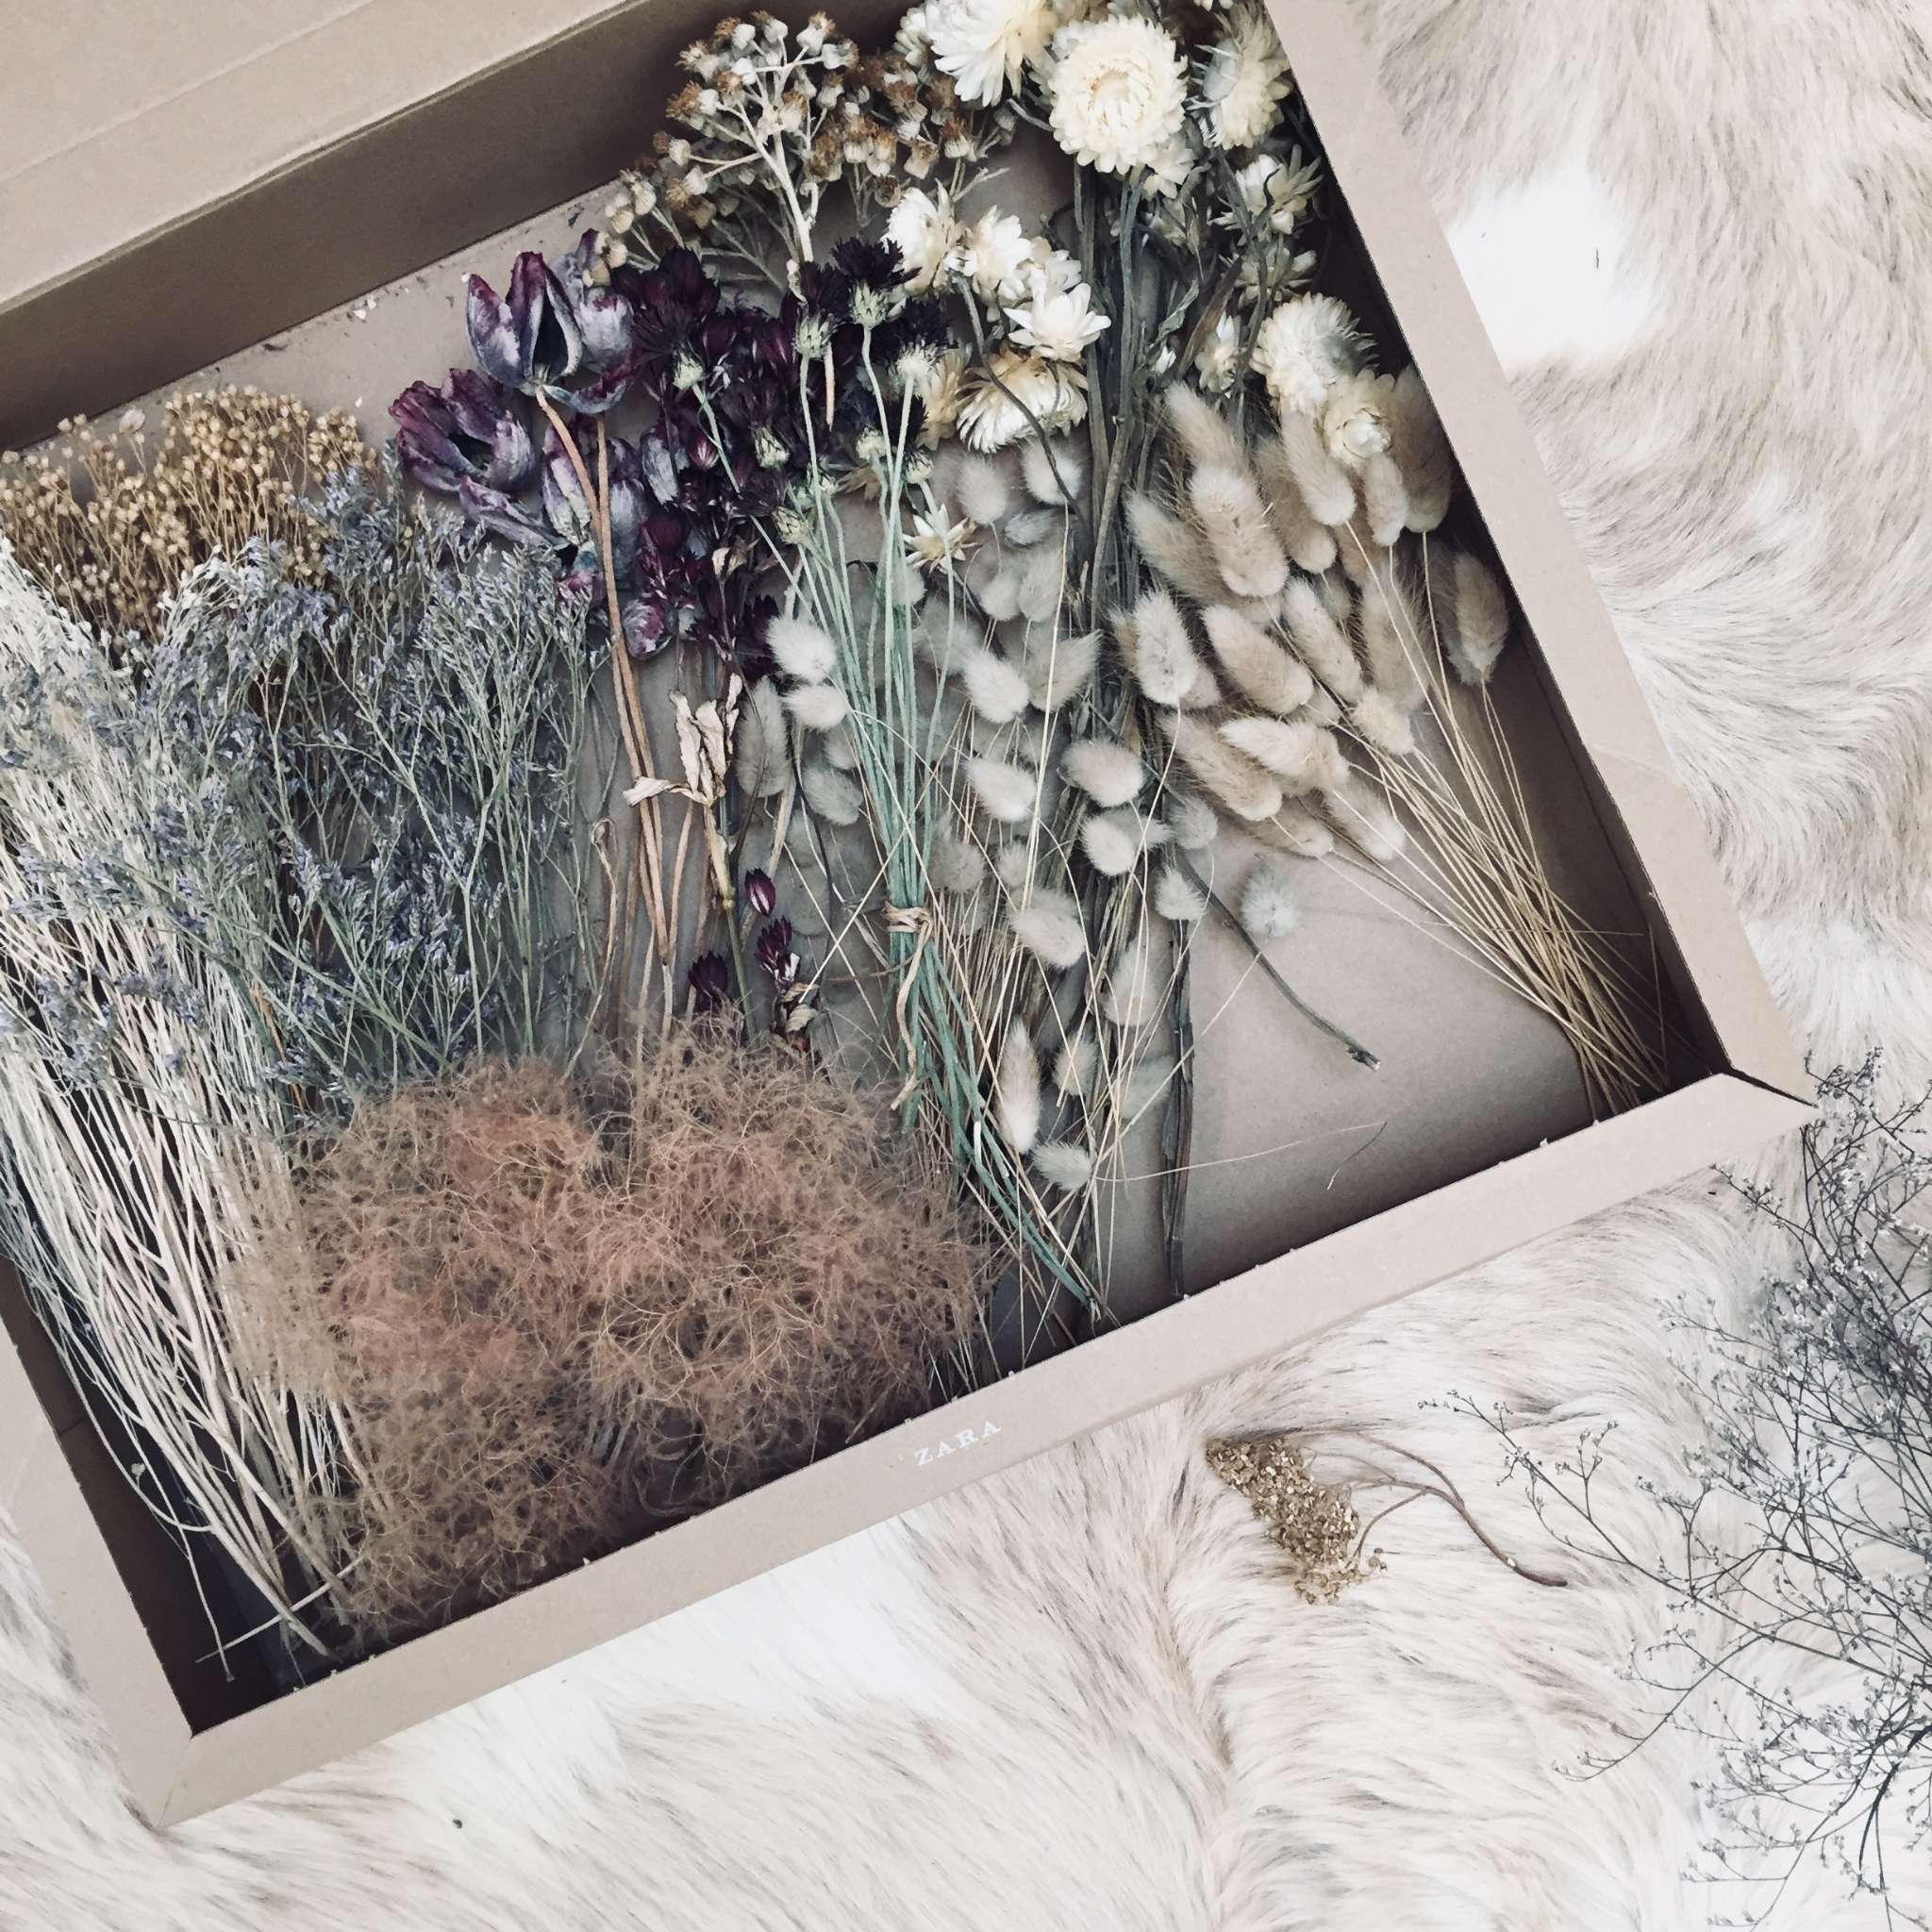 Comment Conserver Des Fleurs Séchées fleurs séchées - antique home